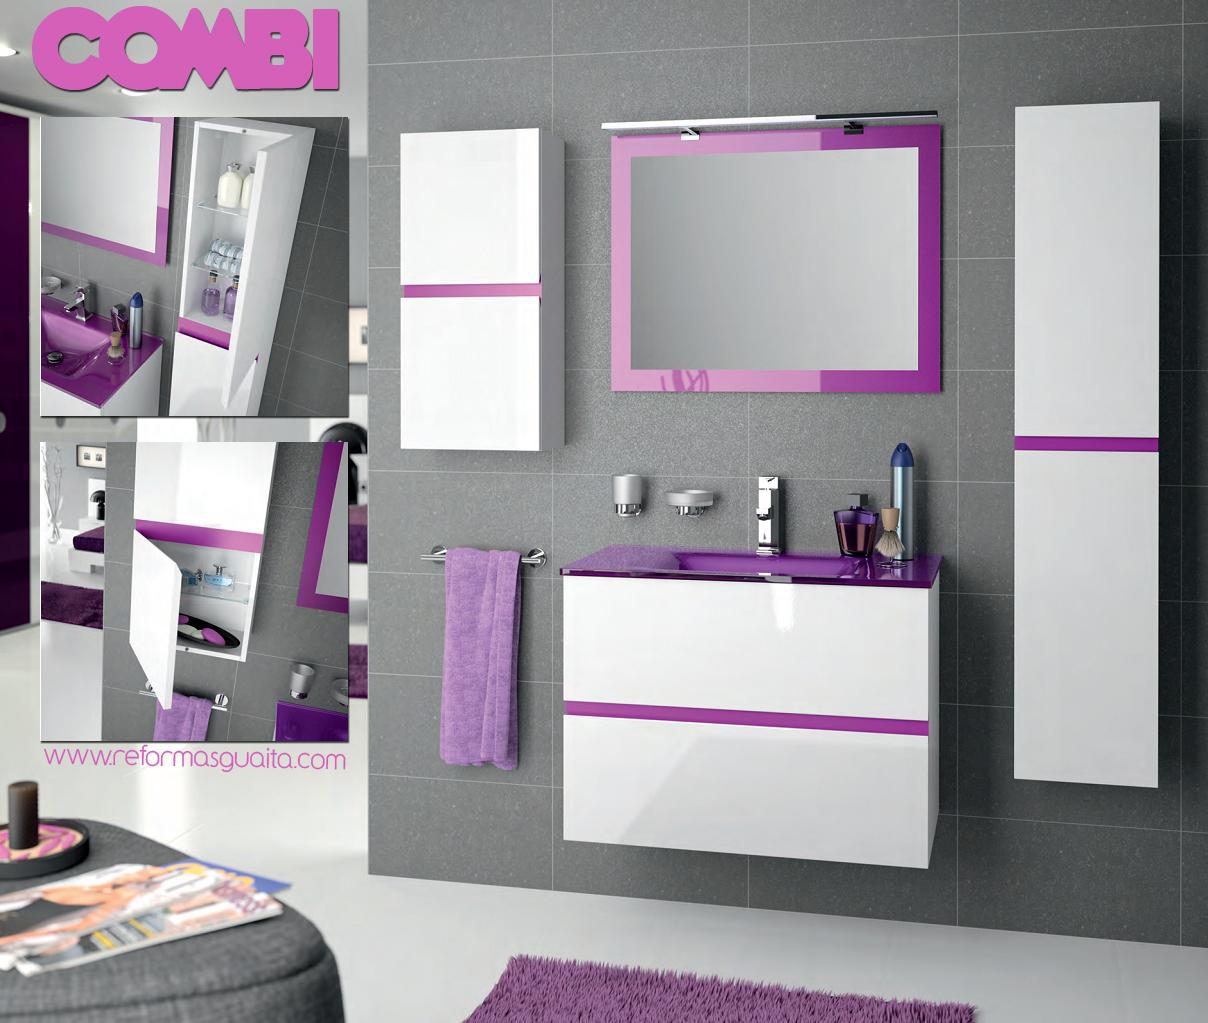 Muebles Color Uva - Azulejos Para Ba O Color Morado Dikidu Com[mjhdah]http://2.bp.blogspot.com/-SOwelwC0vU4/TZW2vdH1NLI/AAAAAAAAGck/P6KfjohYRFo/s1600/presentacion+coleccion+muebles+de+ba%25C3%25B1o+niger+moka+gris+antracita+crema+beige+blanco+lacado+brillo+lavabo+cristal+porcelana+espejo+led+aplique+luz+aseo.jpg